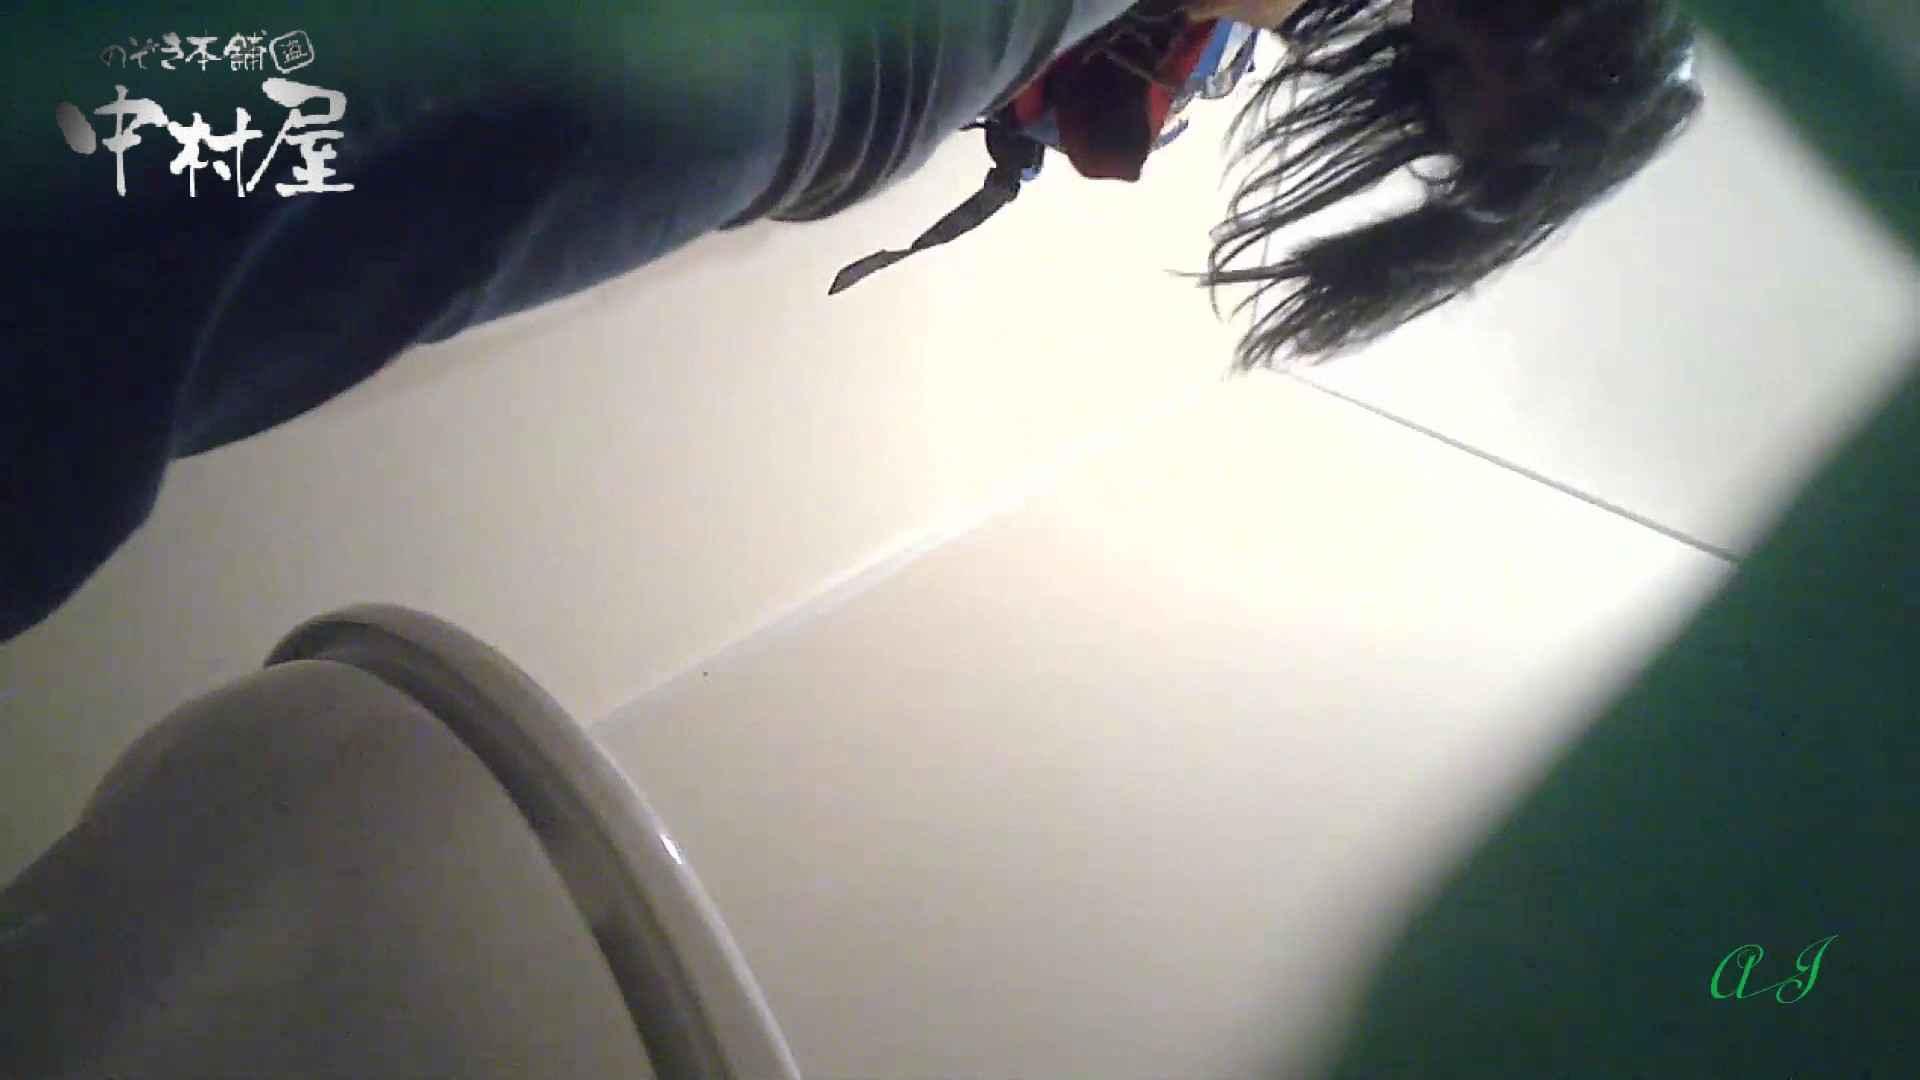 トイレ盗撮 有名大学女性洗面所 vol.64 圧巻!総勢8名全員美女ばかり!! のぞき本舗 中村屋